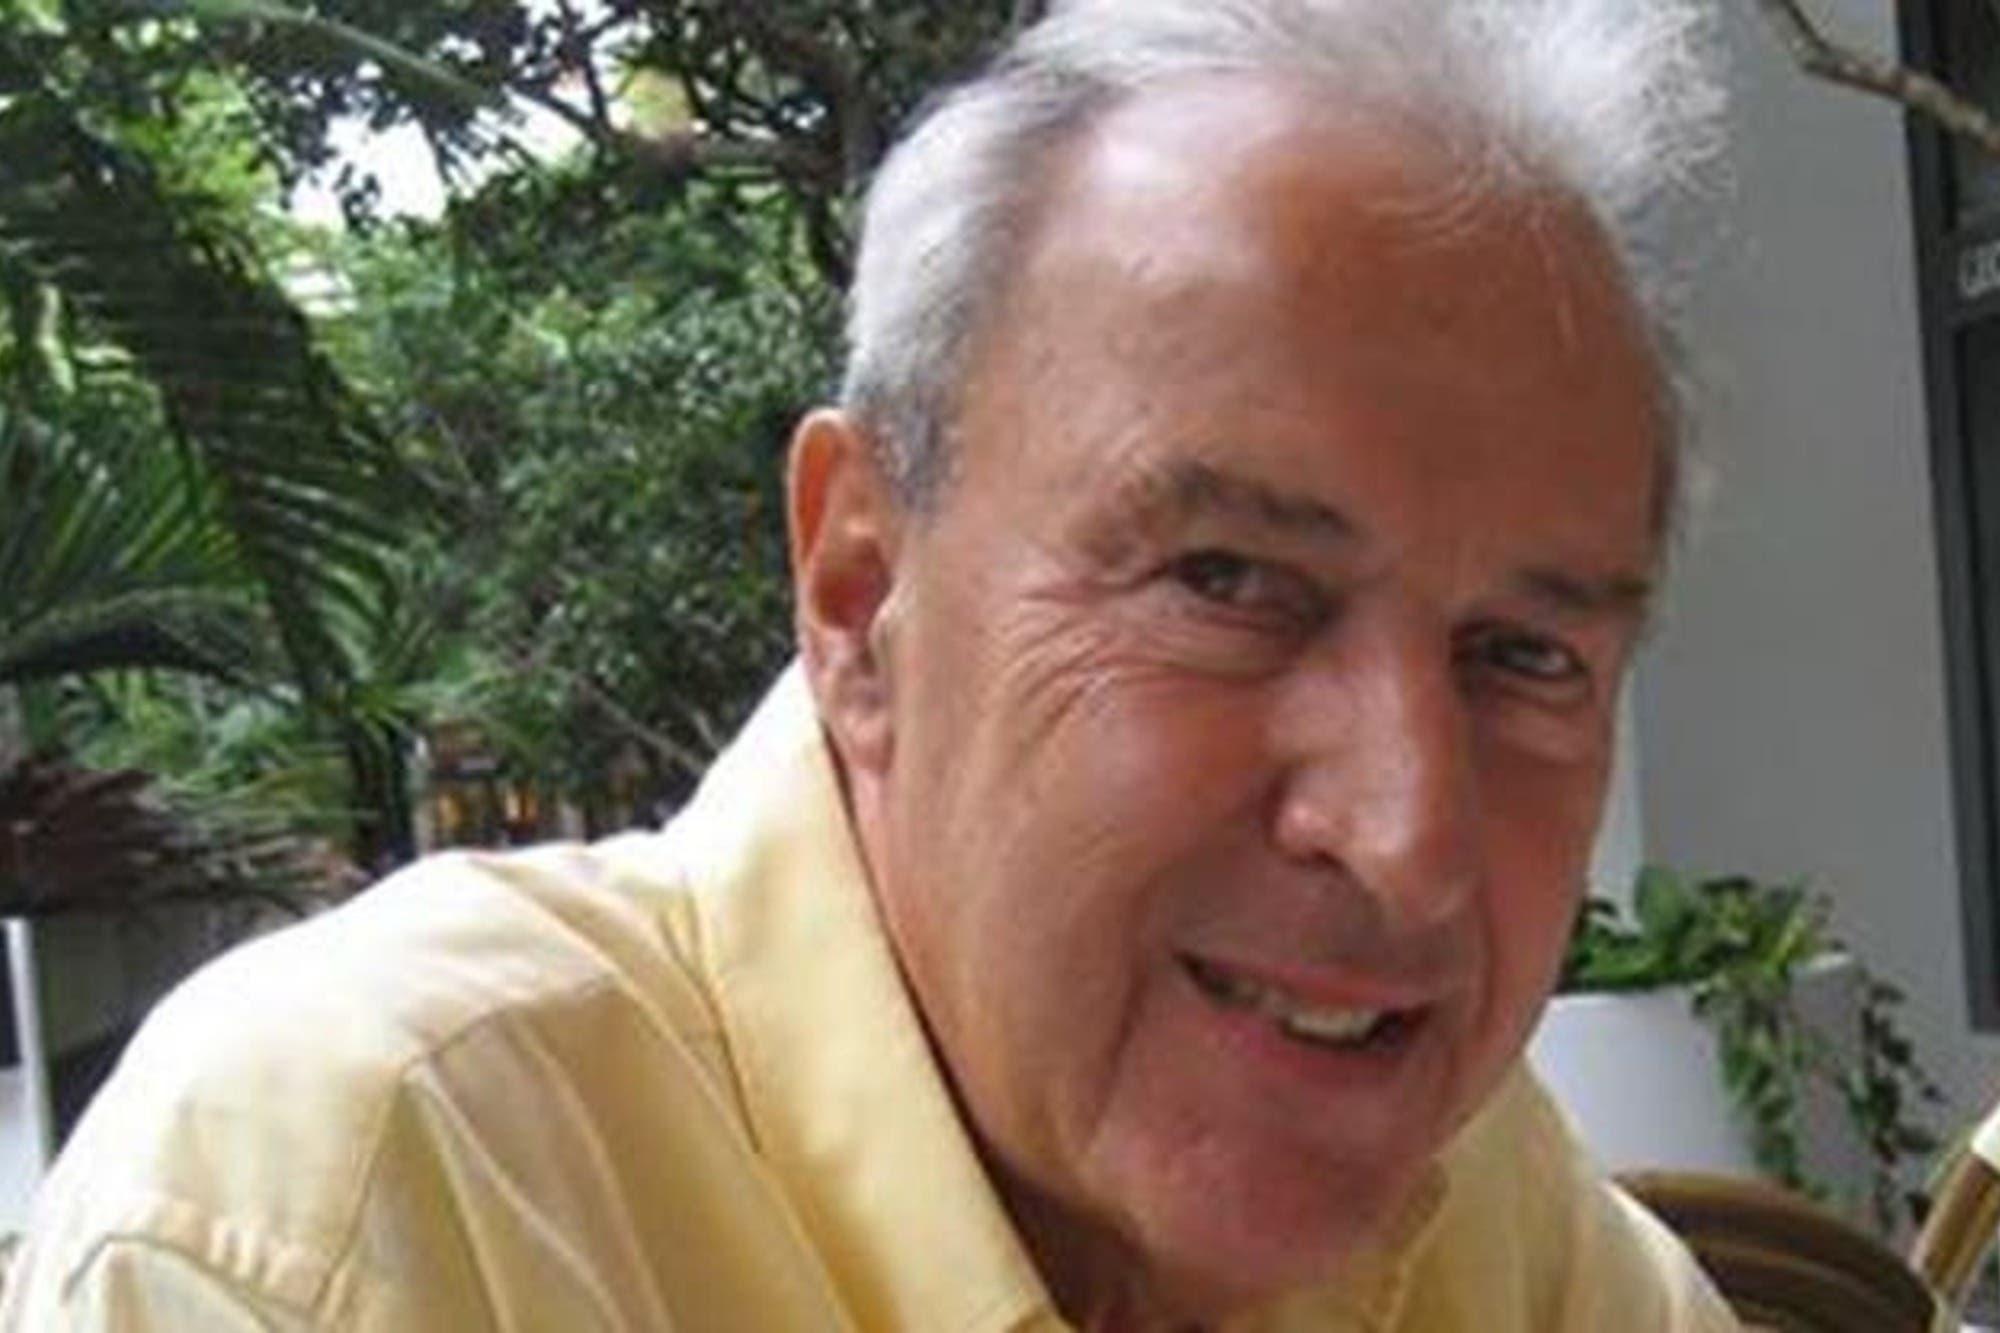 El homicidio de Fabián Gutierrez. Otras muertes sospechosas que incomodaron al kirchnerismo